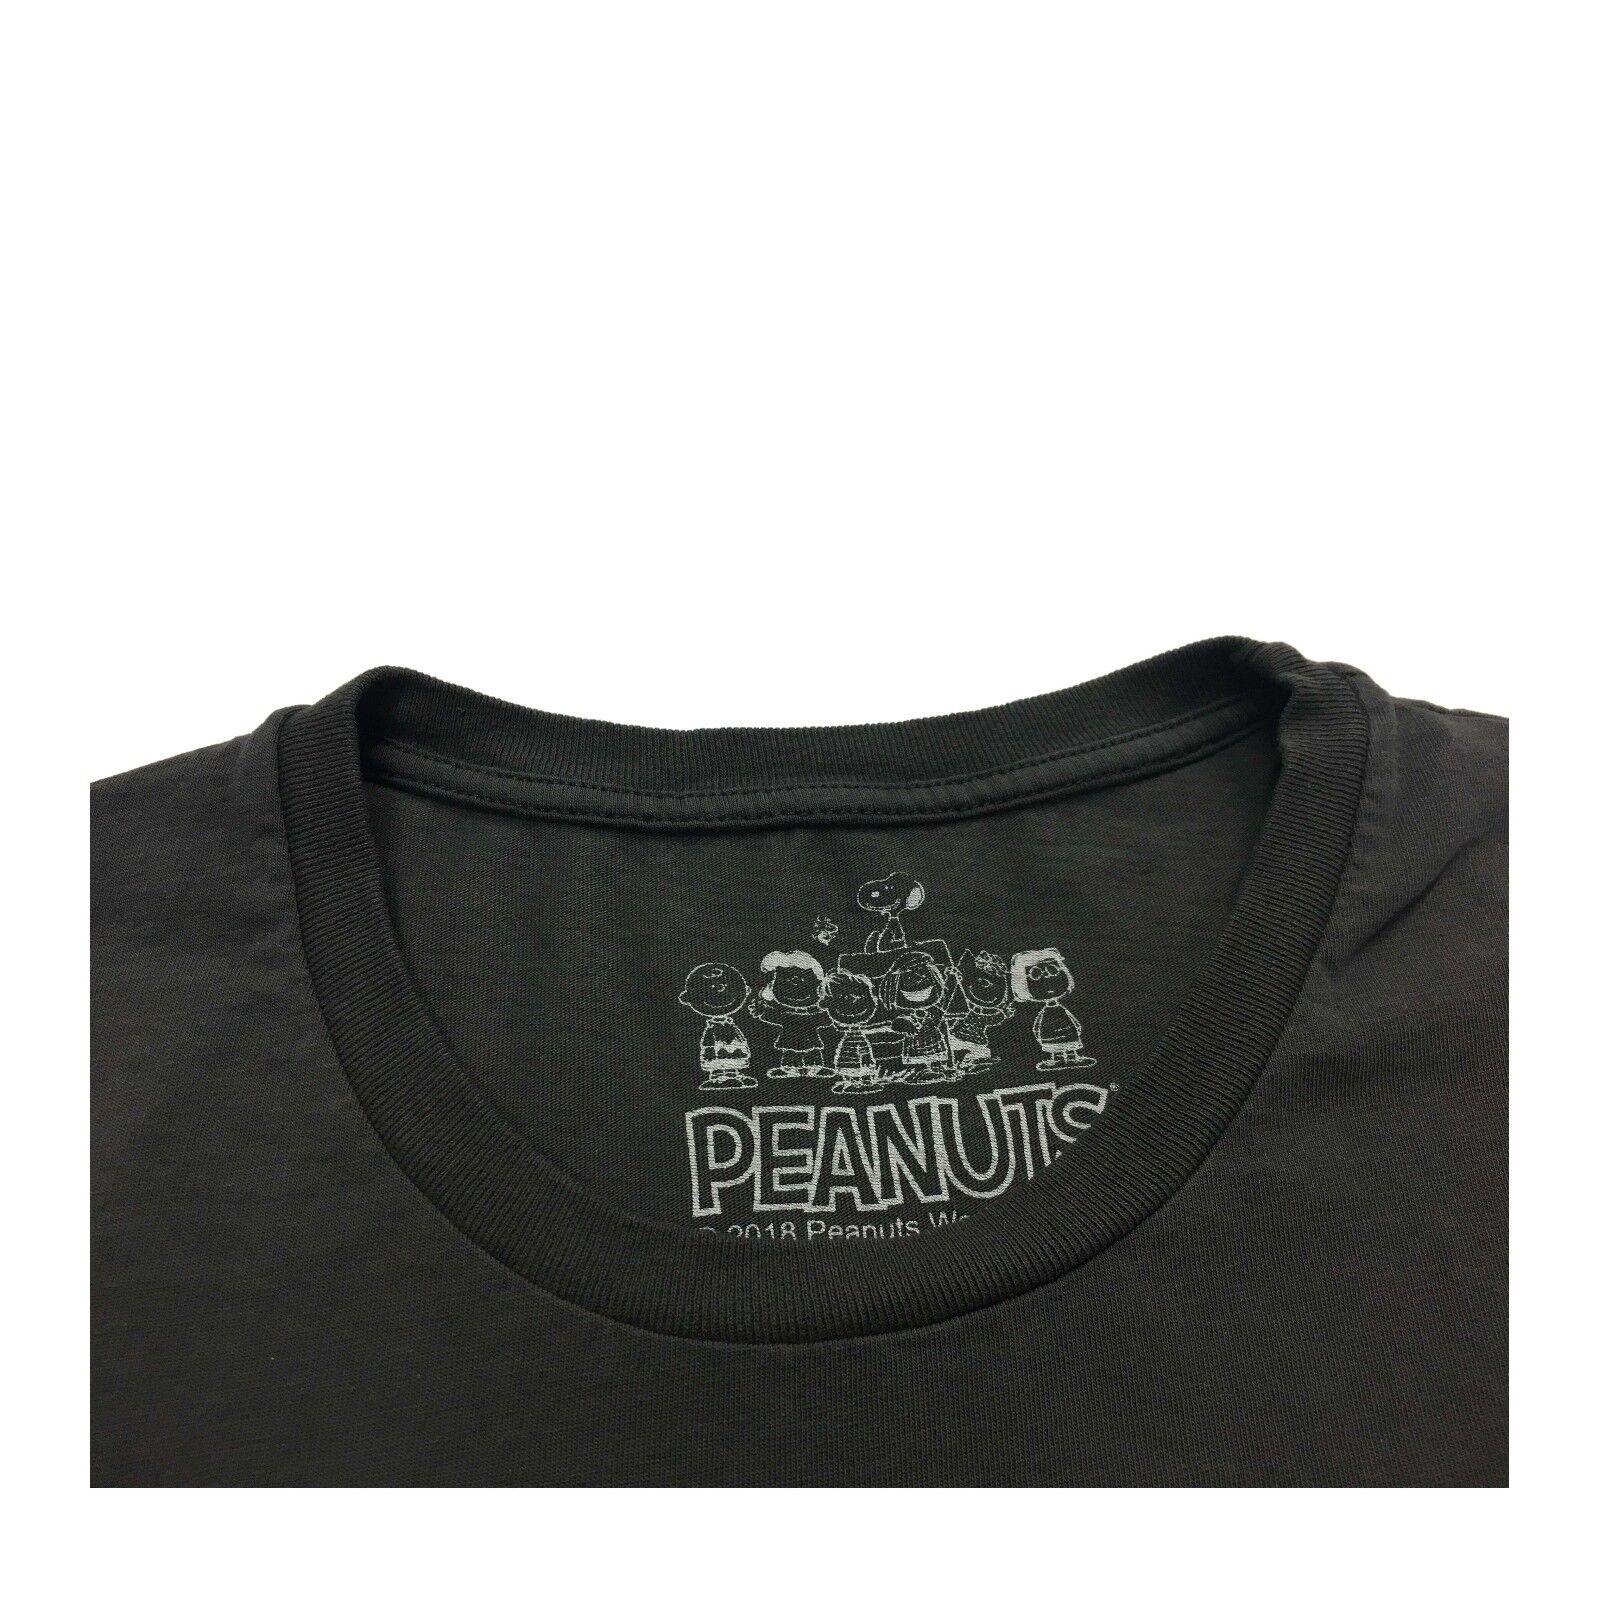 VINTAGE 55 linea PEANUTS t-shirt uomo CHARLIE Marronee faded nero nero nero 100% cotone 0e8abb